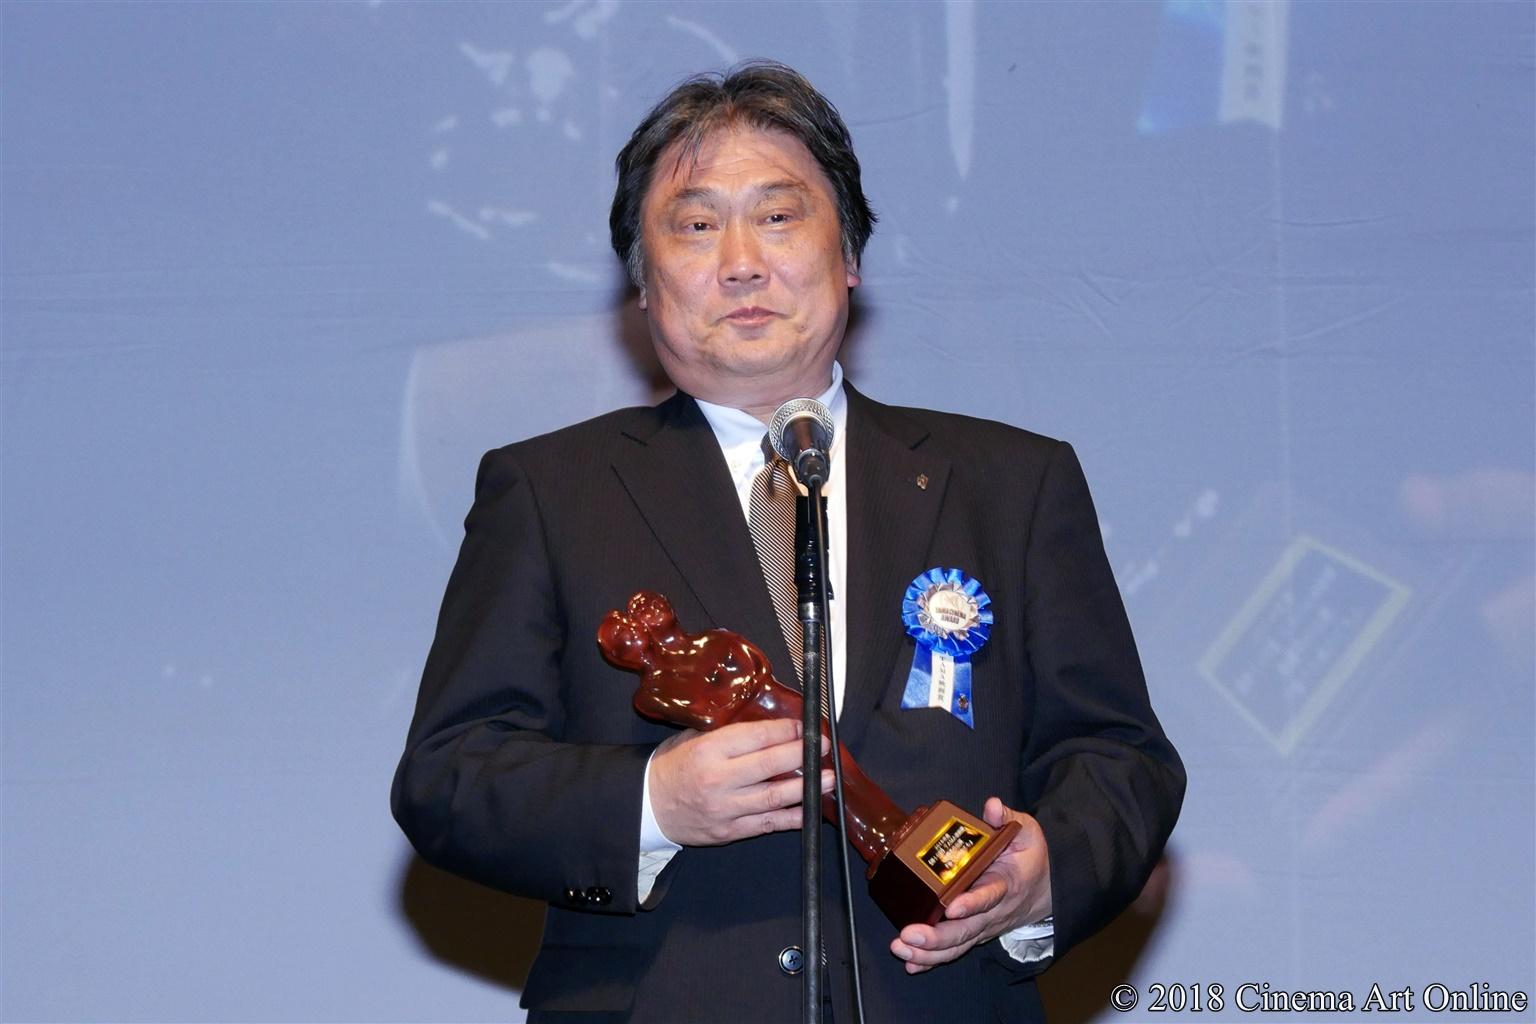 【写真】第10回 TAMA映画賞 授賞式 (福嶋更一郎エグゼクティブプロデューサー)